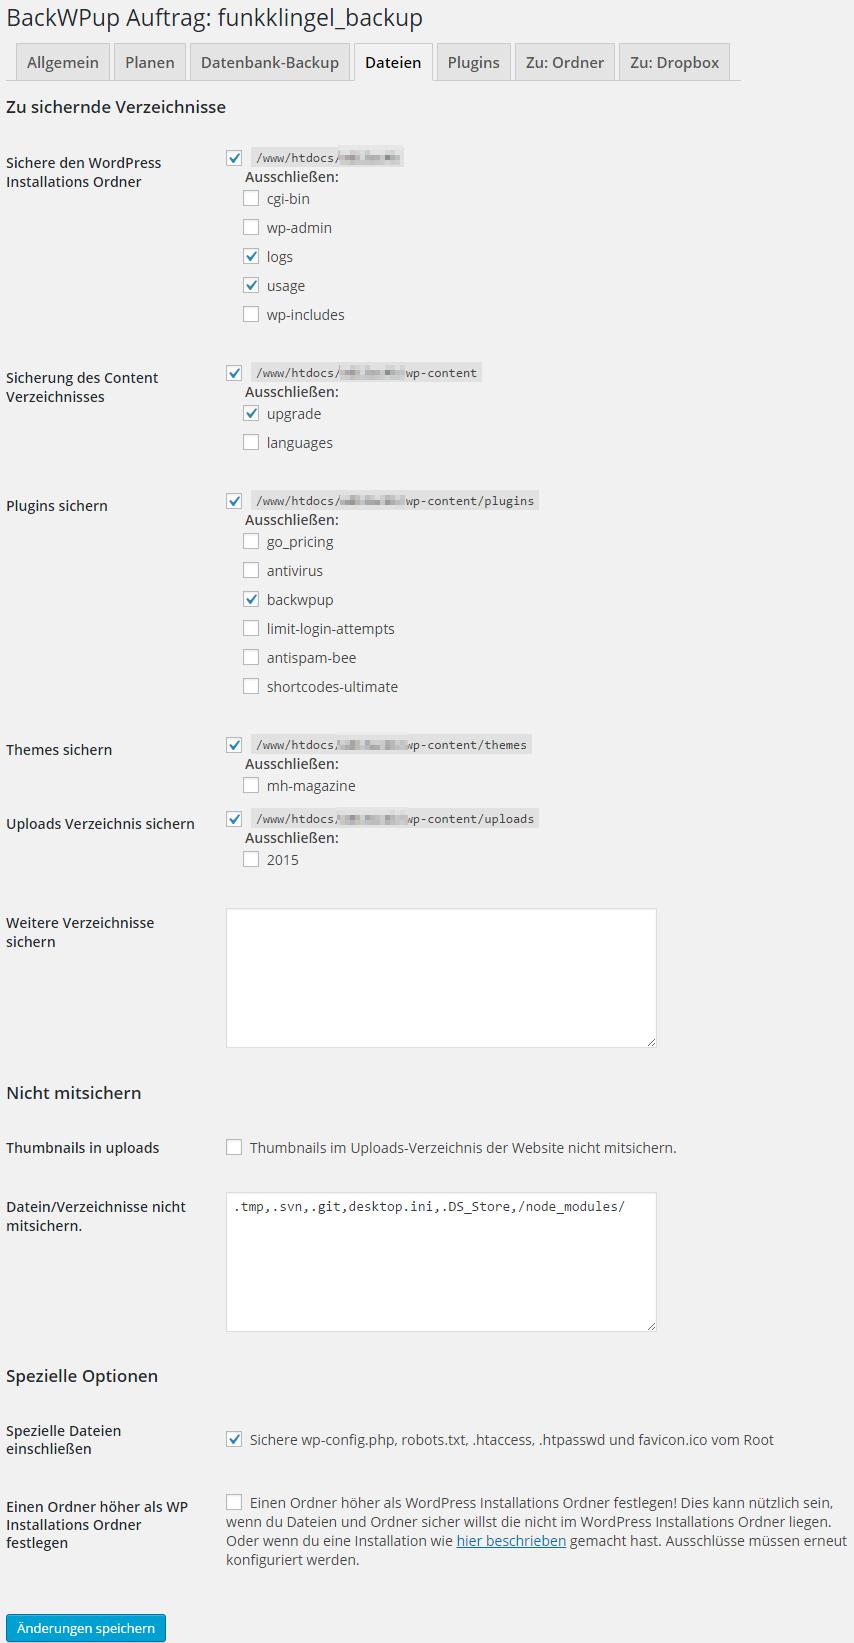 BackWPup - Auftrag - Dateien